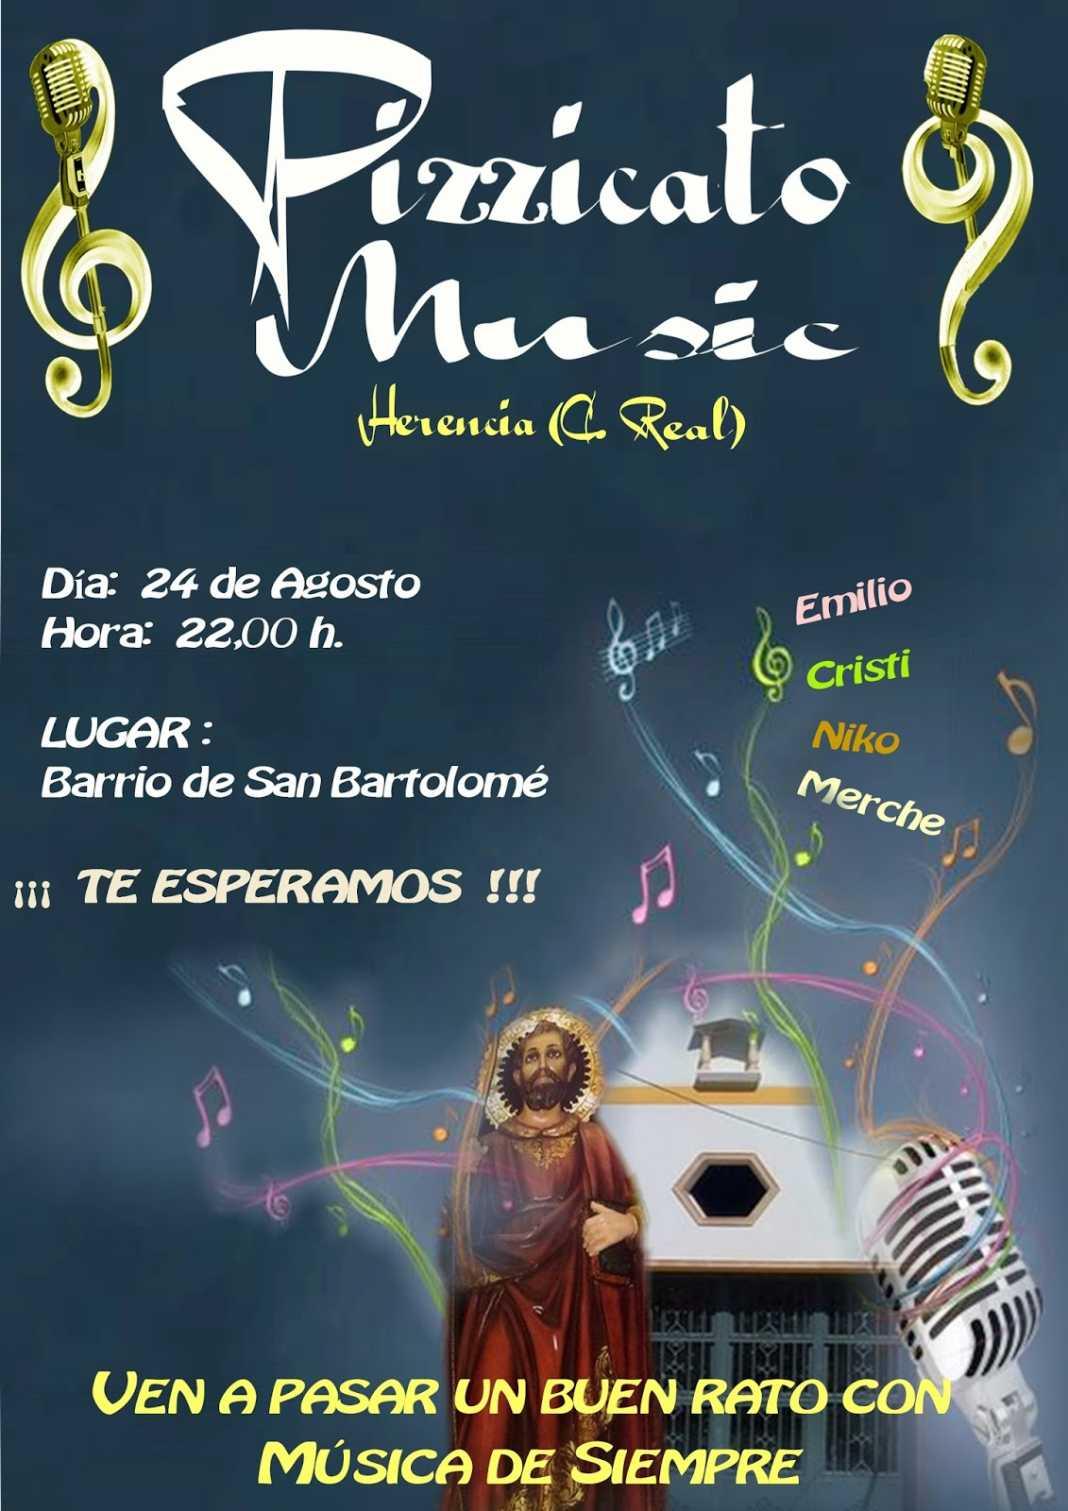 cartel concierto san bartolome Pizzicato Music Herencia 2013 1068x1511 - Pizzicato Music dará un concierto en las fiestas de San Bartolomé